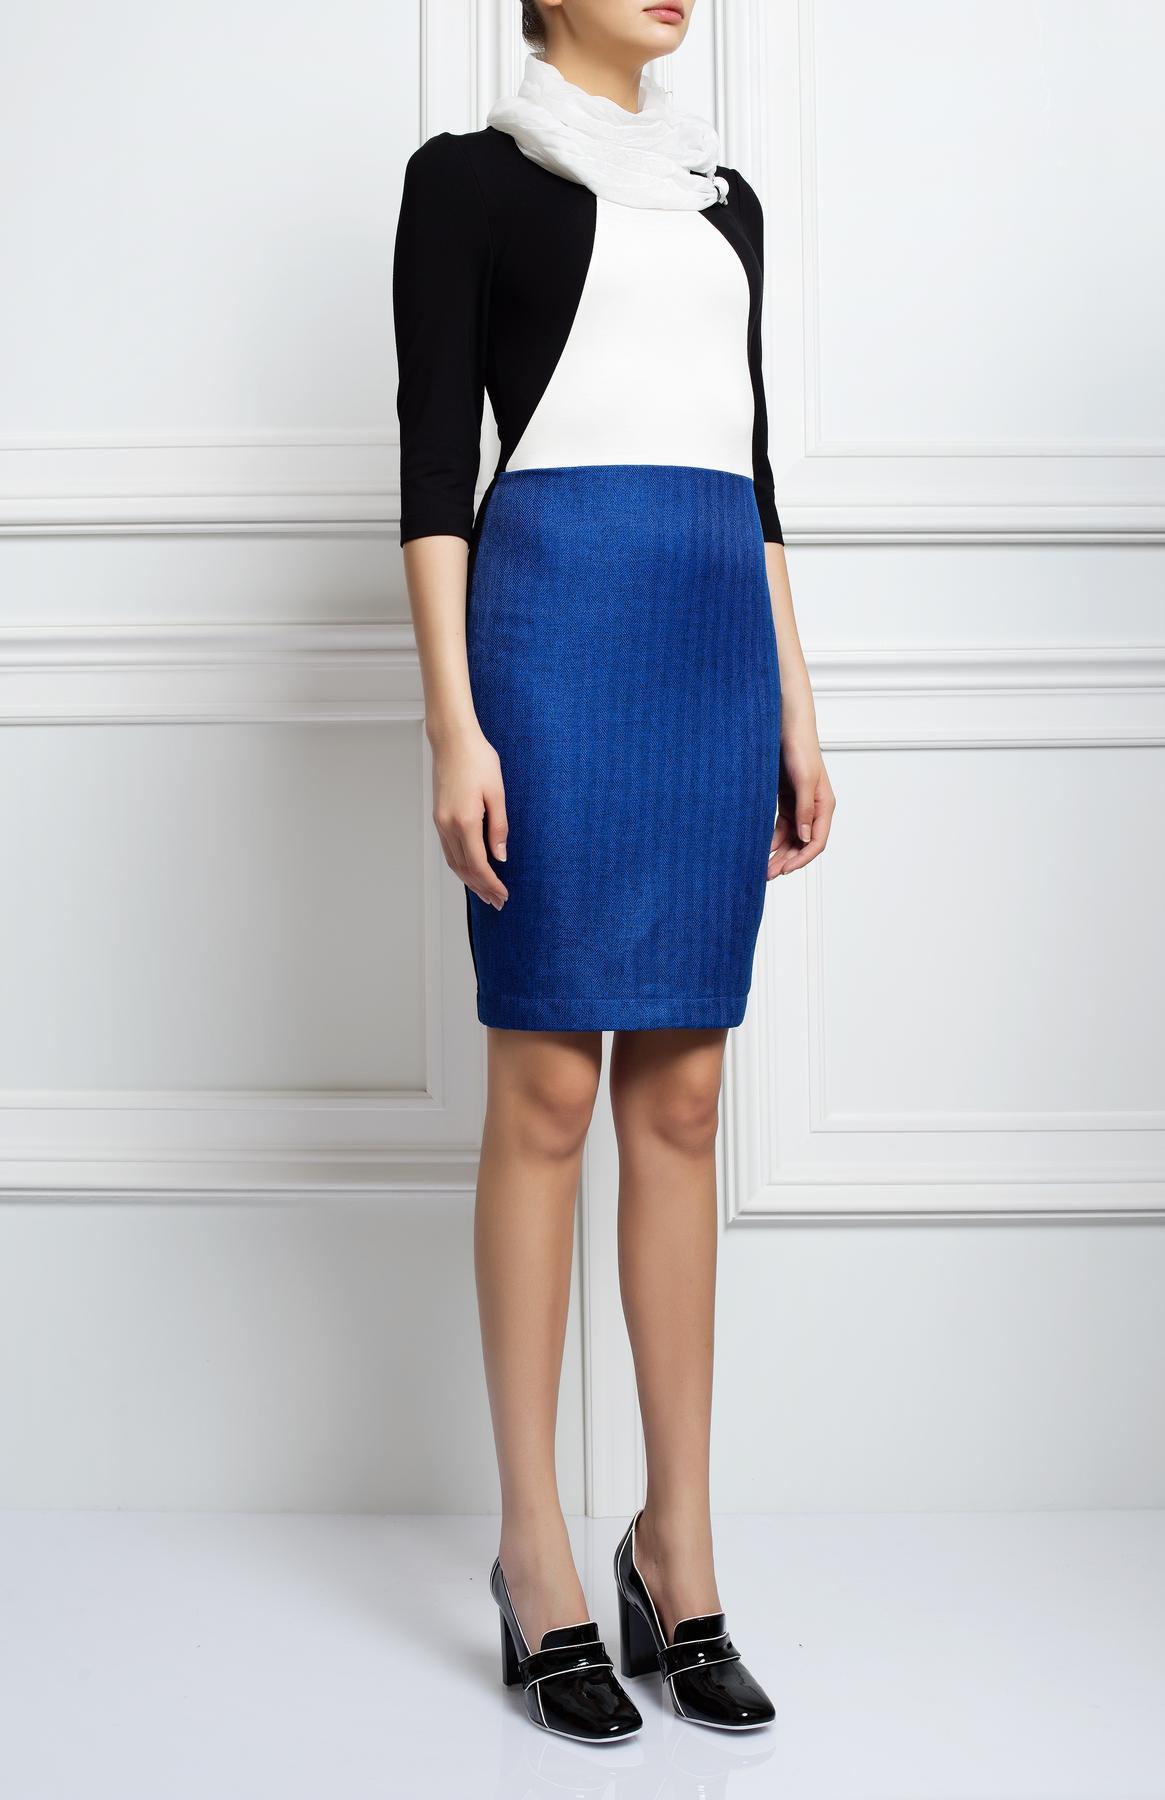 ПлатьеПлатья<br>Женское платье с круглой горловиной и рукавами 3/4. Модель выполнена из плотной ткани. Отличный выбор для повседневного гардероба.  Цвет: синий, черный, белый<br><br>Горловина: С- горловина<br>По длине: Миди<br>По материалу: Вискоза,Тканевые<br>По образу: Город,Свидание<br>По рисунку: Цветные<br>По сезону: Весна,Осень<br>По силуэту: Полуприталенные<br>Рукав: Рукав три четверти<br>По форме: Платье - футляр<br>По стилю: Повседневный стиль<br>Размер : 44,46,48<br>Материал: Костюмно-плательная ткань<br>Количество в наличии: 3